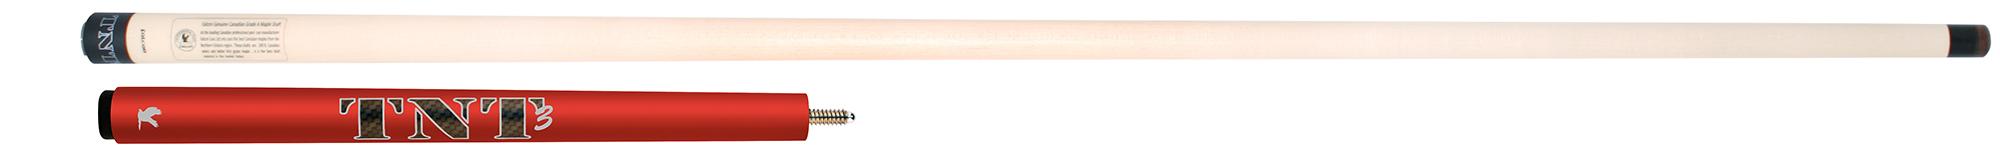 PK0656-R: Falcon ® TNT-3 Jump cue - red  #1